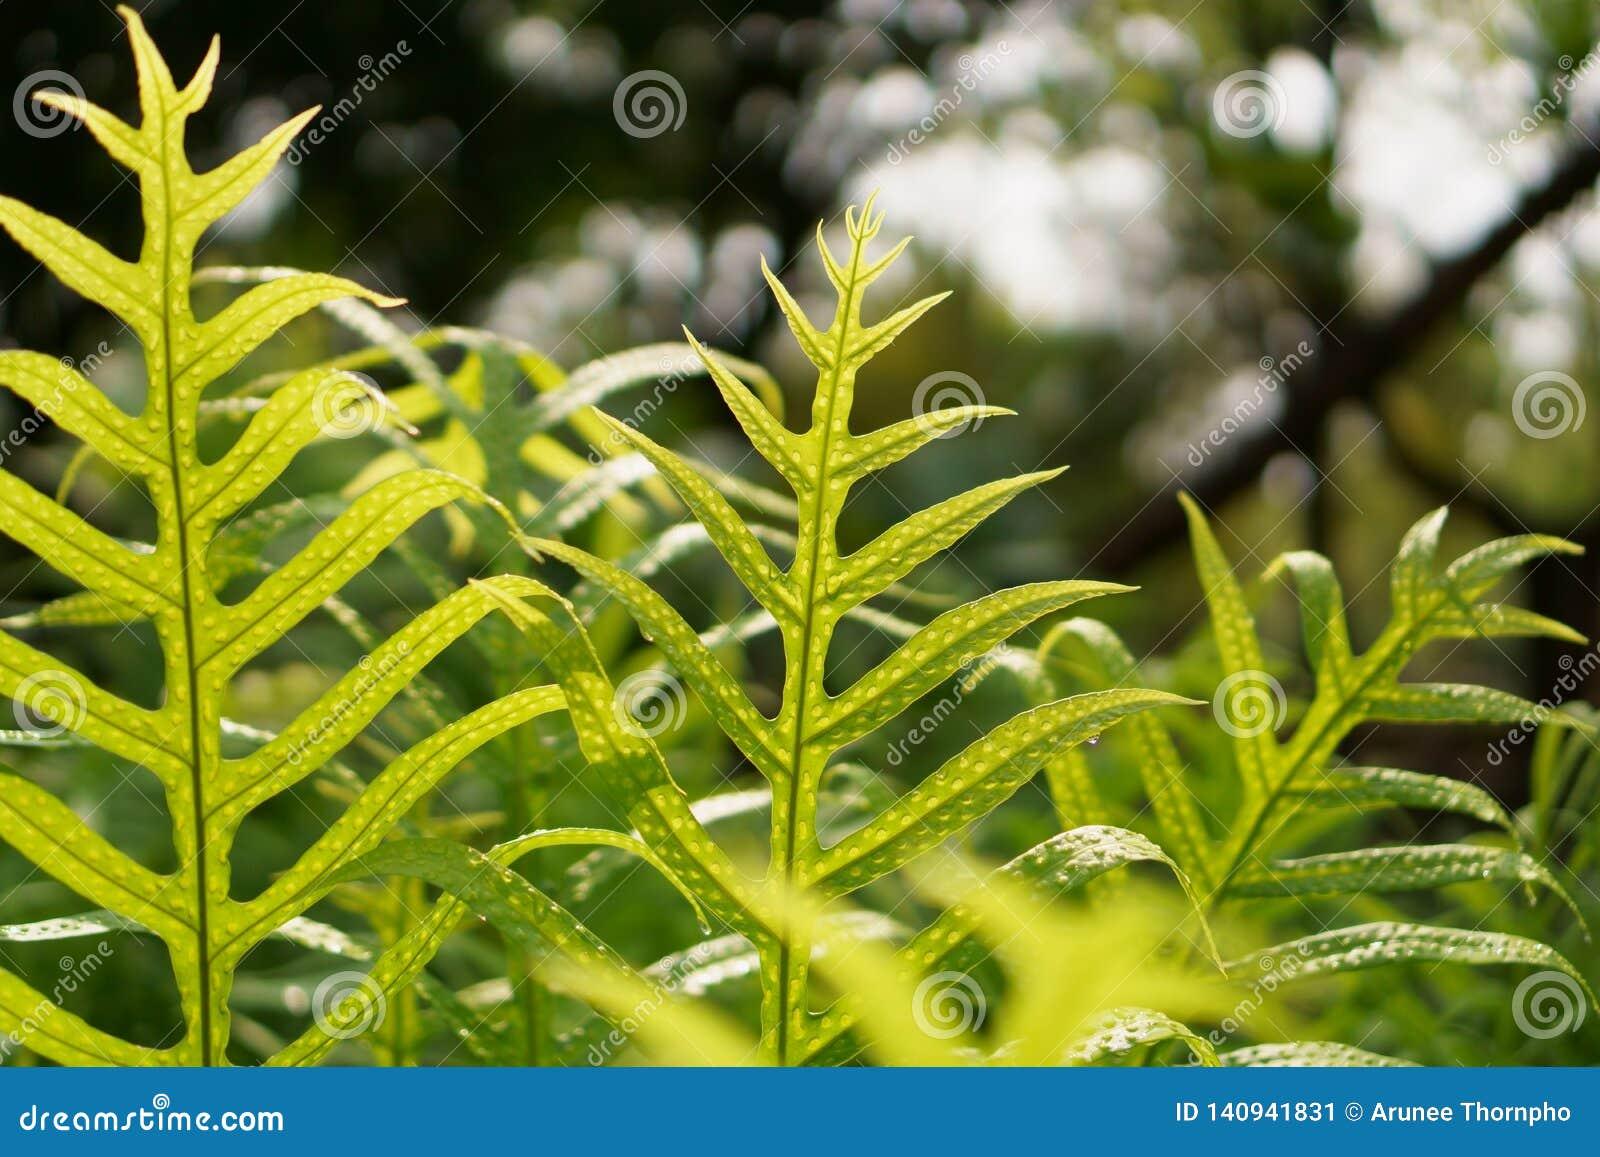 Świeży zielony liść brodawki paproć Hawaje z rosa kroplami pod światło słoneczne rankiem, nazwana monarchiczna paproć lub piżmo p